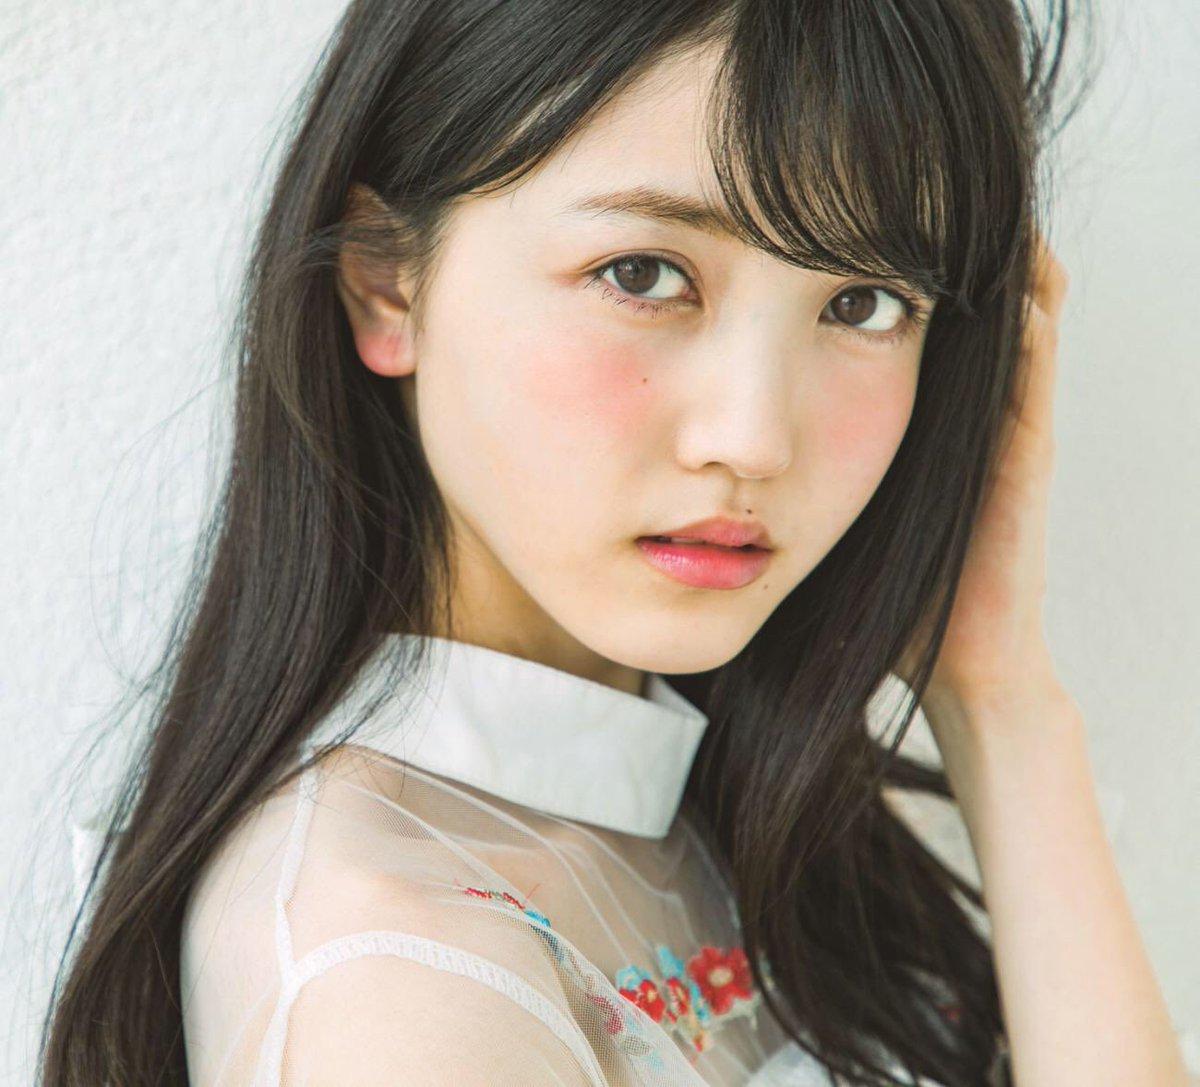 【悲報】Seventeen専属モデルに秋元グループ参入でハロウカス終了wwwwwwwwwwwwwwwwwwwww